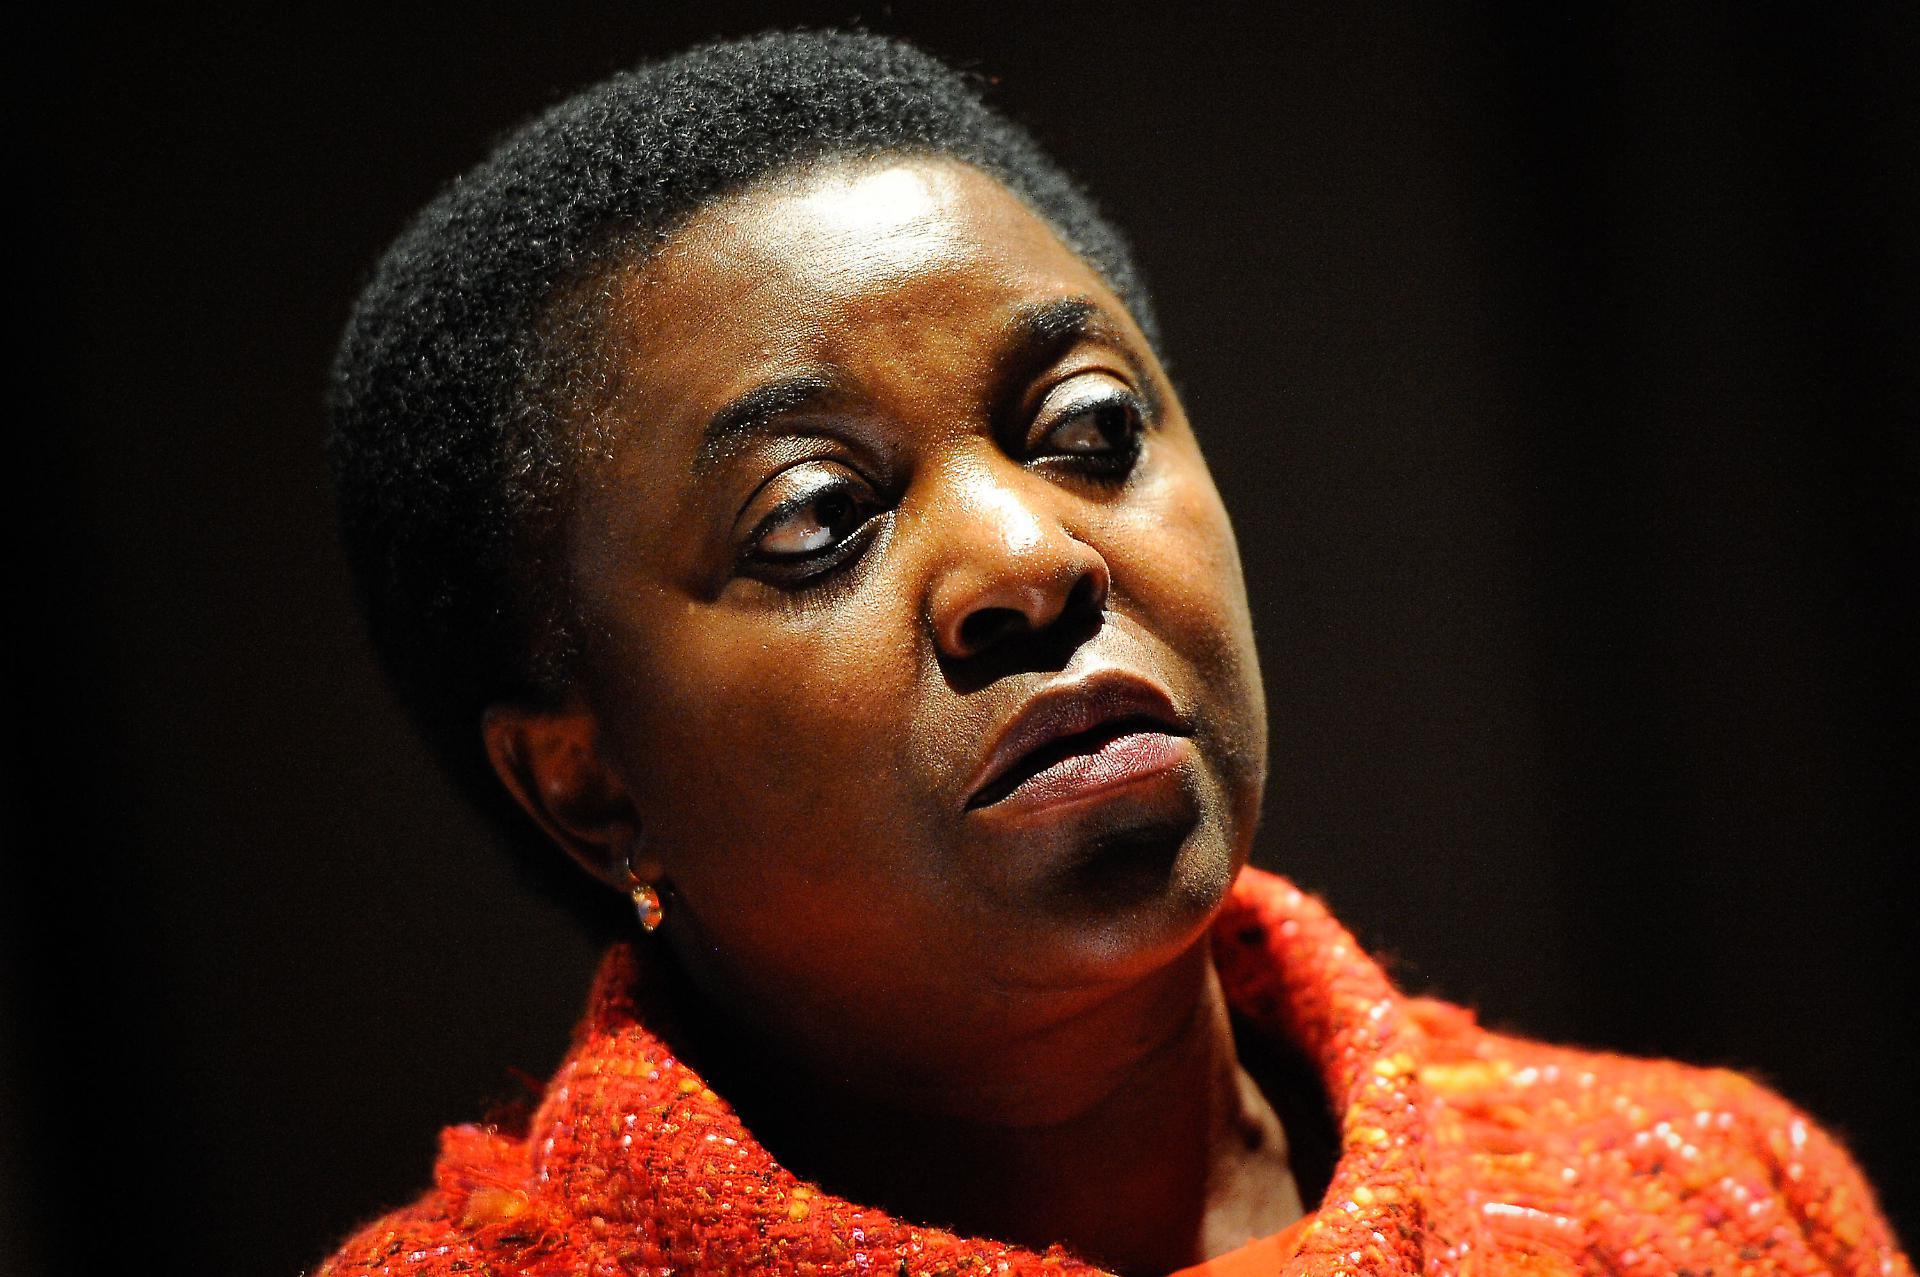 """Filippo Facci: """"Kyenge fonda un partito solo per gli africani. Ma nessuno dice che è razzismo"""""""